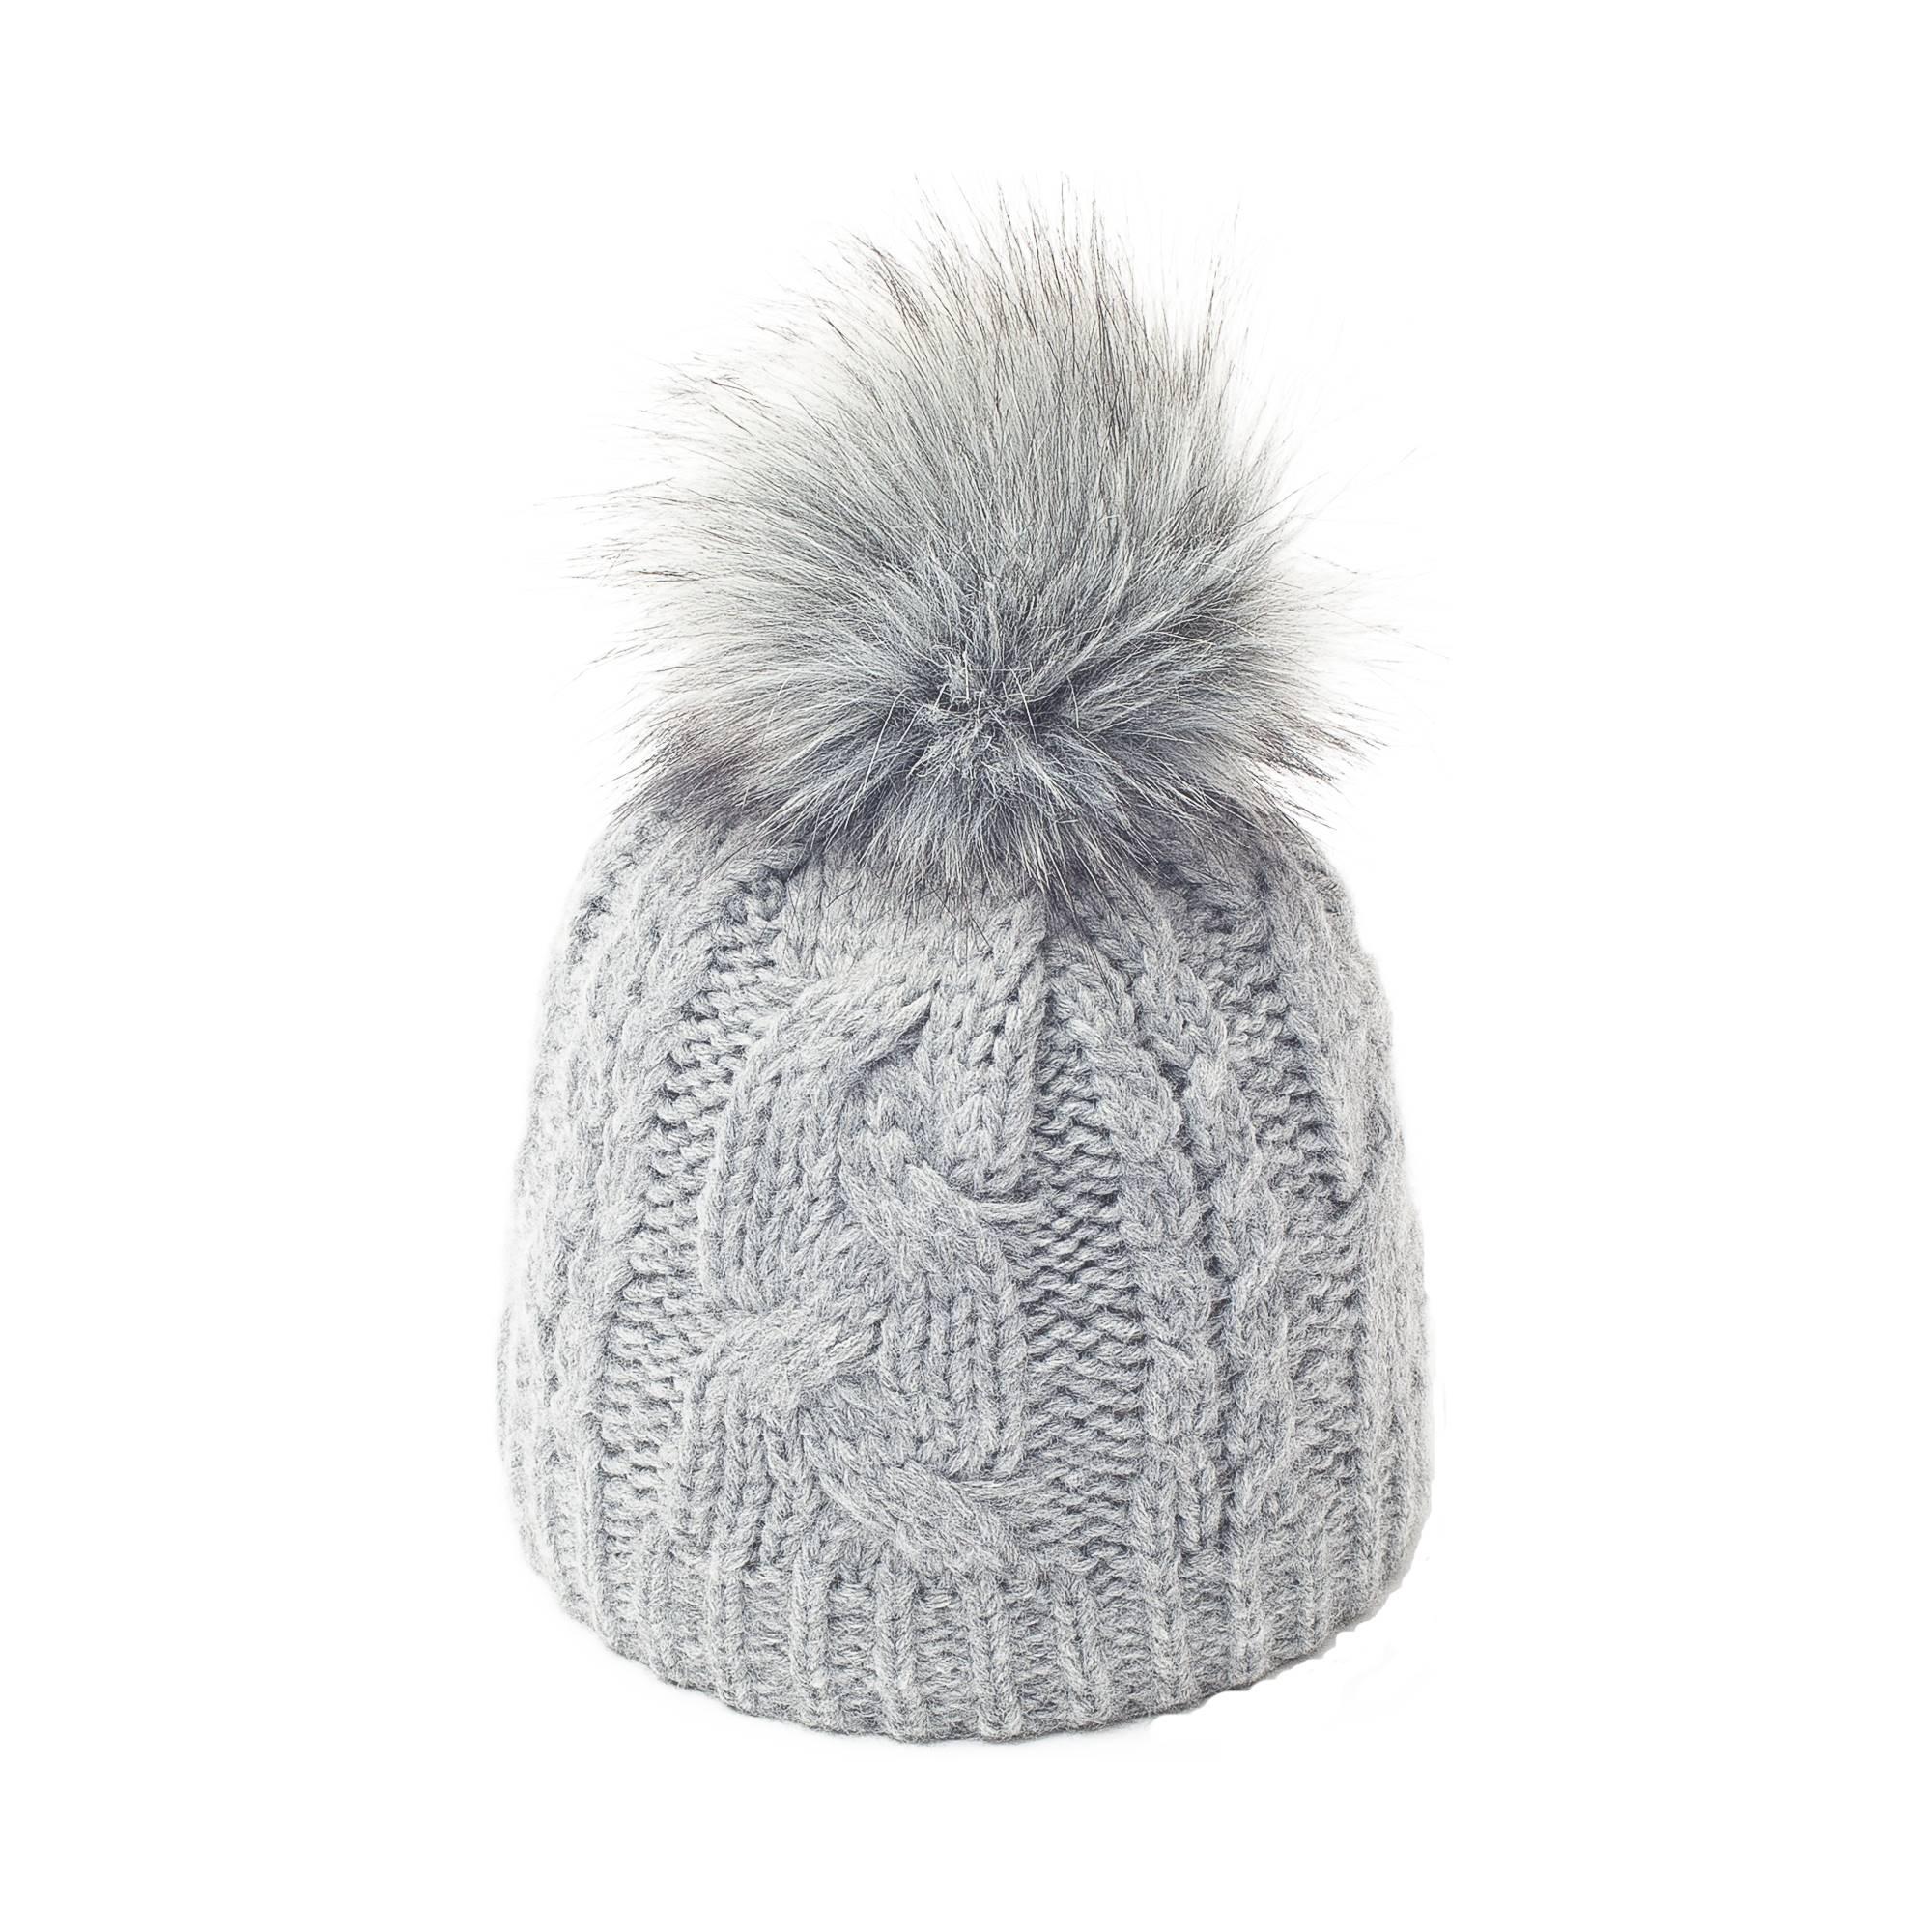 ed46ab71da7 bonnet femme bonnet femme. Bonnet gris perle pompon fourrure ...